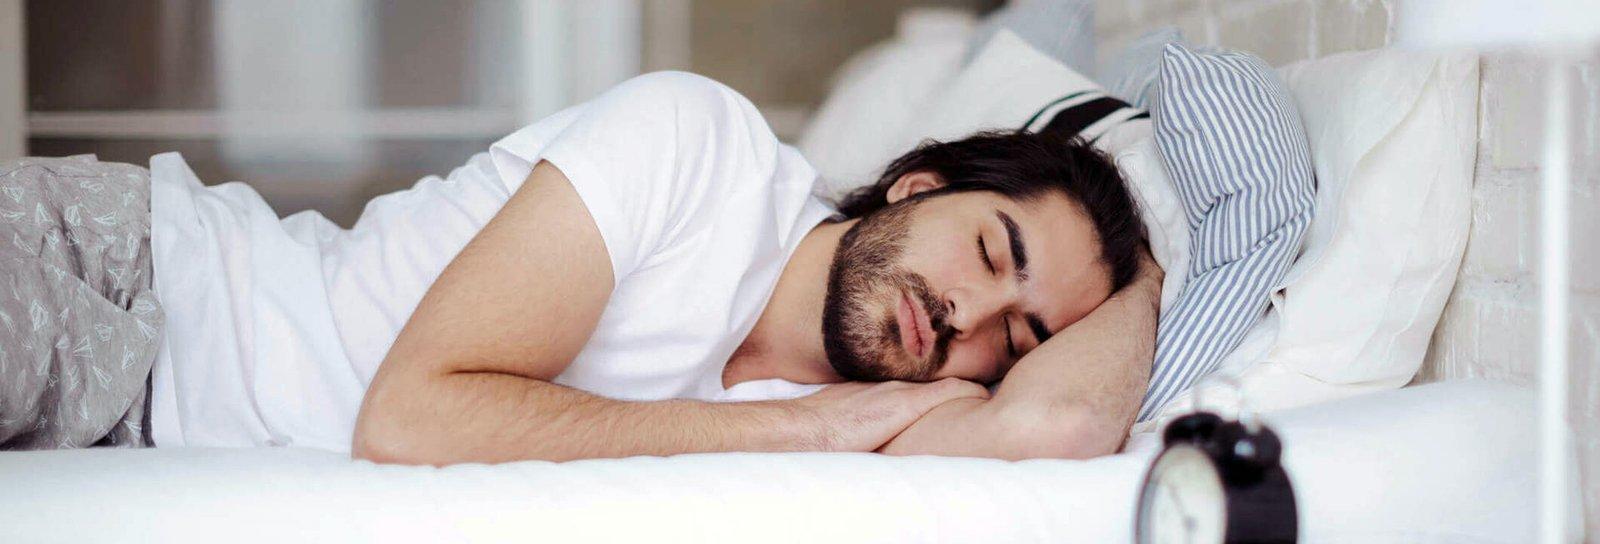 Bom sono ajuda na longevidade